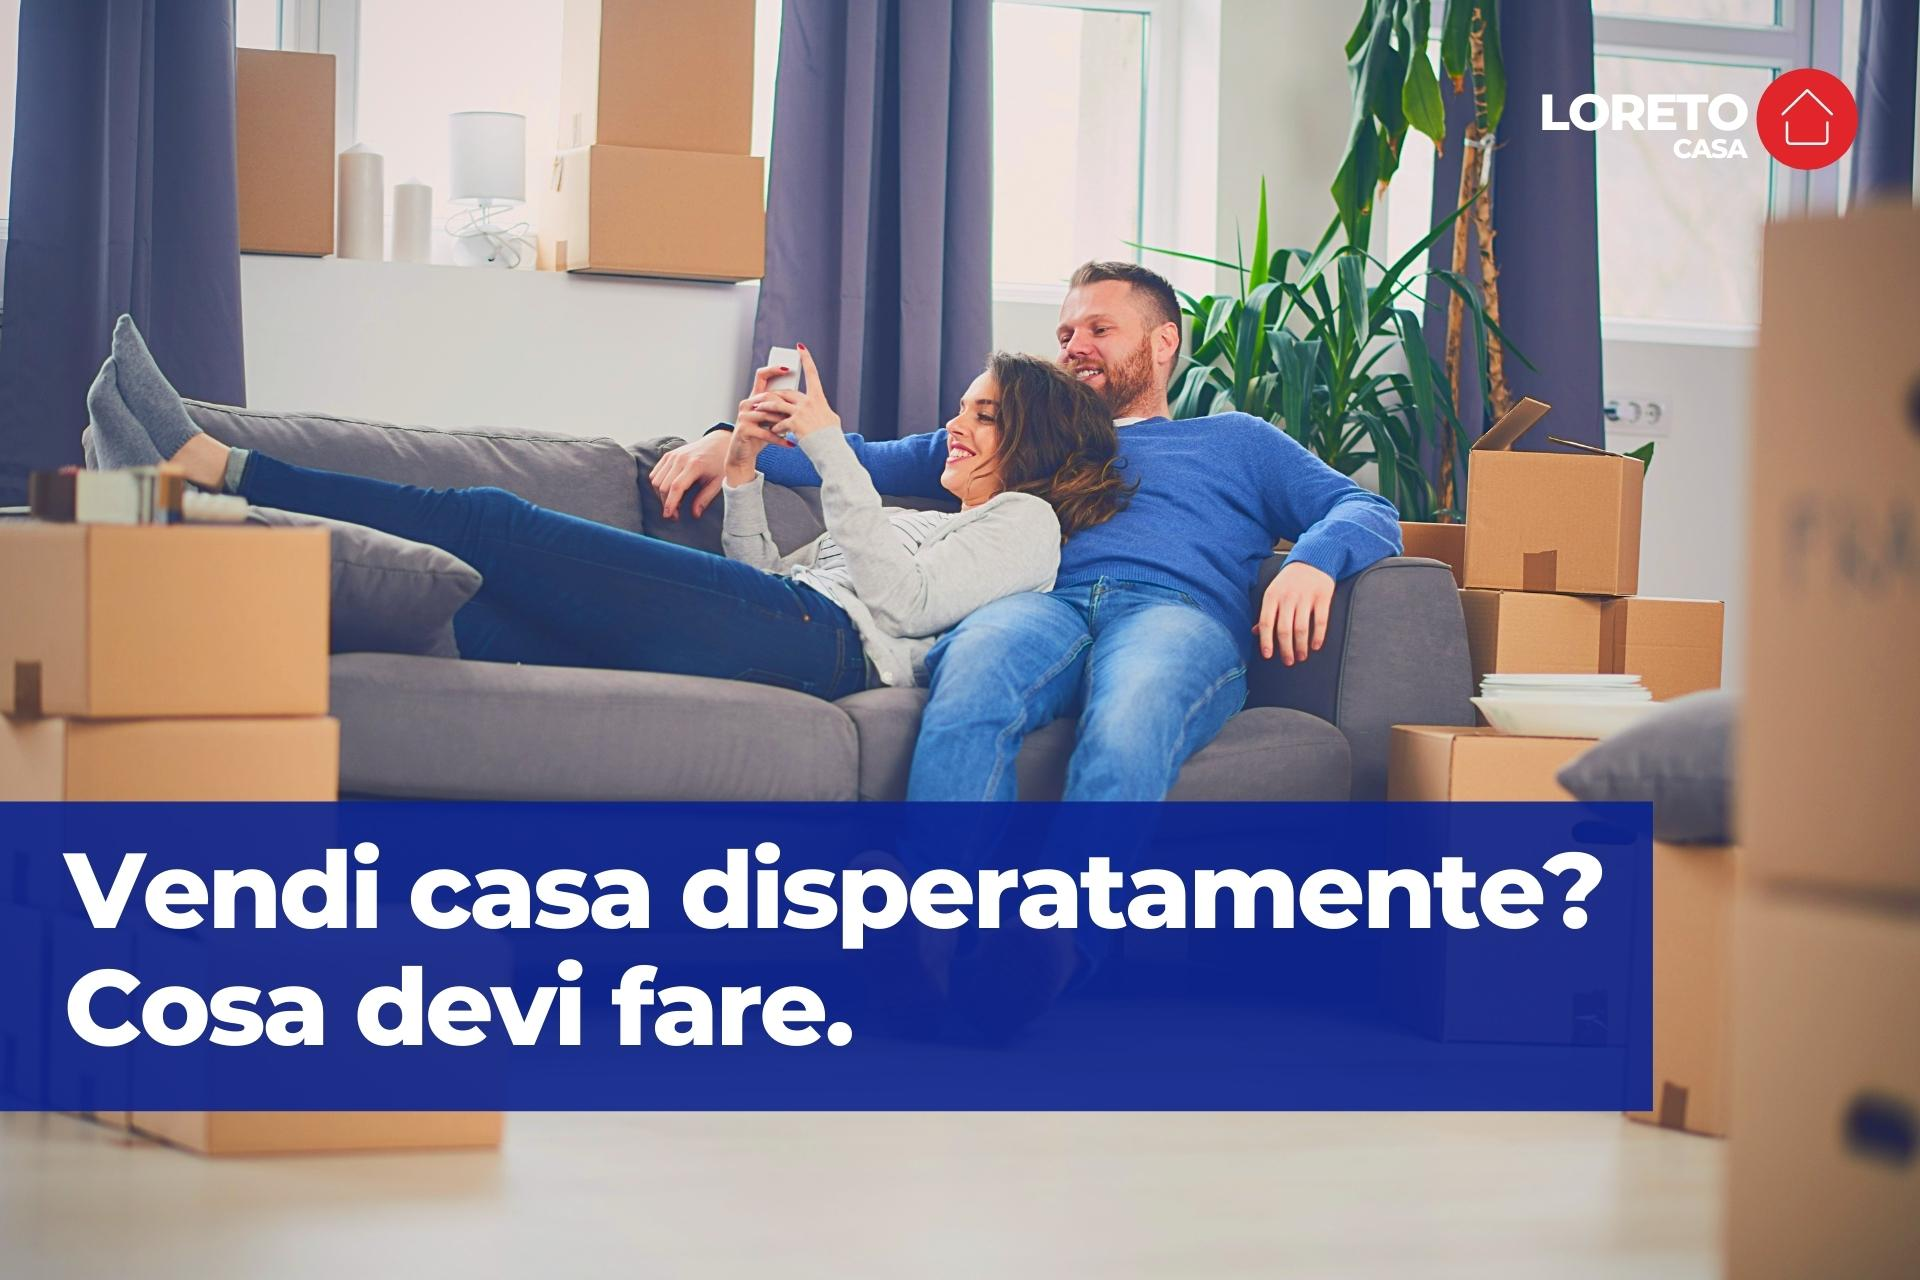 Vendi casa disperatamente, tutto quello che c'è da sapere